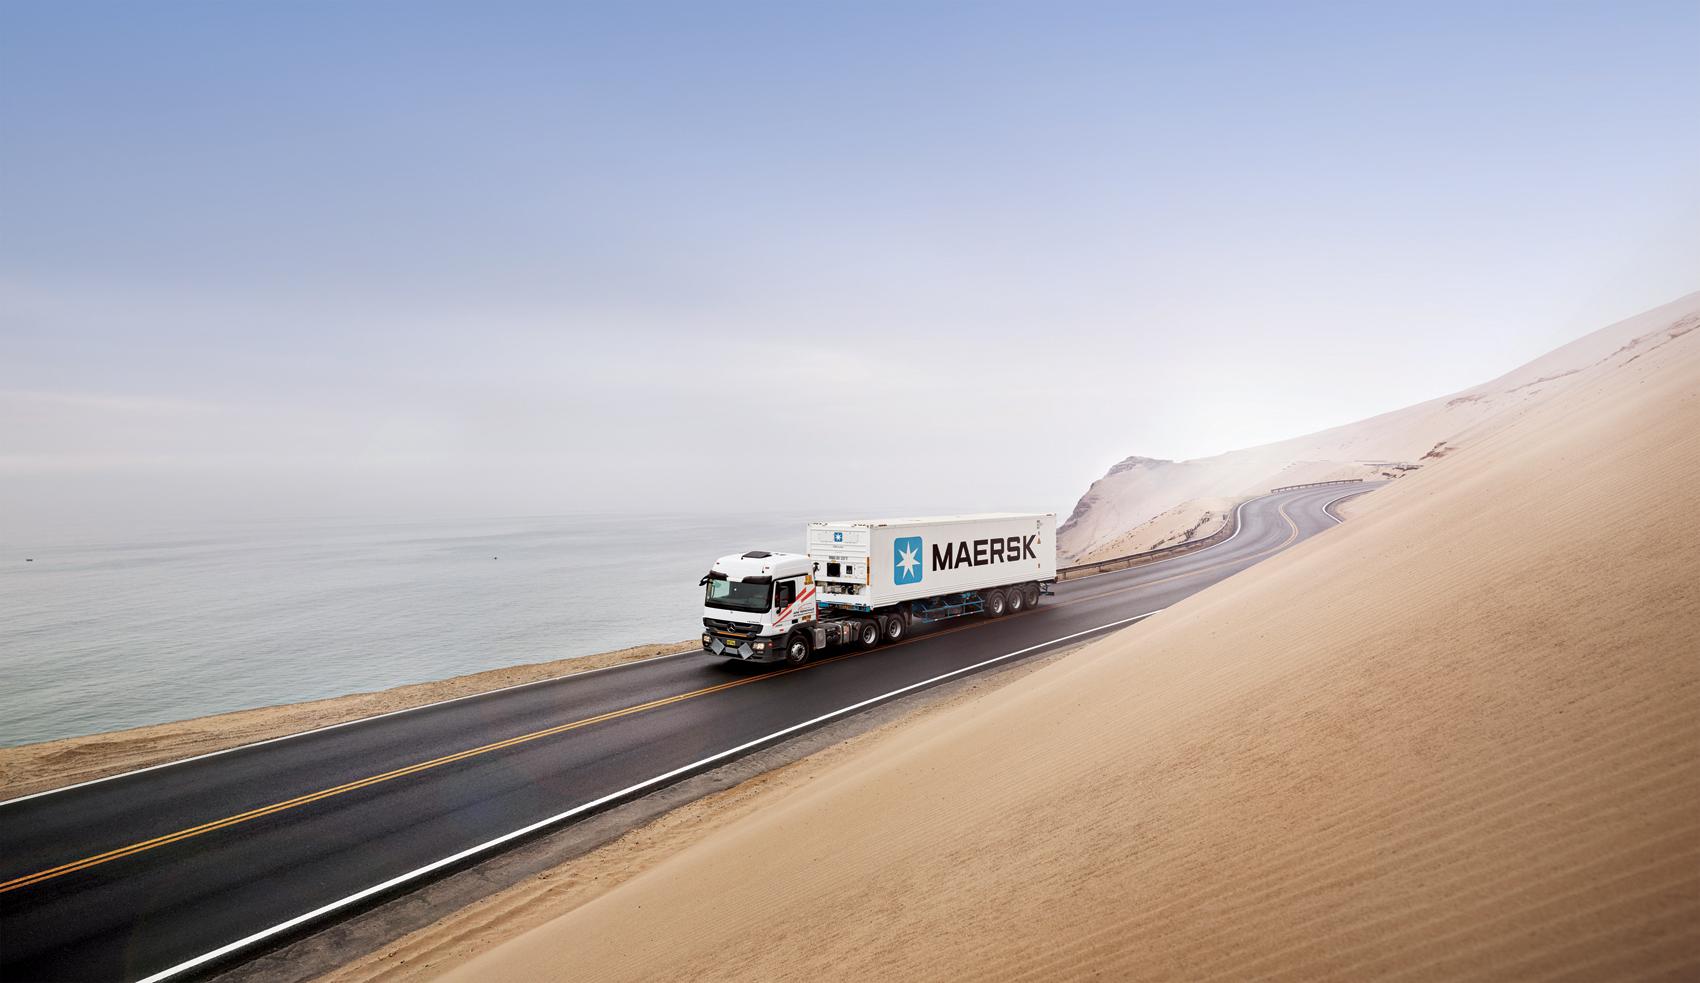 Việc làm đang tuyển dụng tại Maersk Vietnam Ltd.